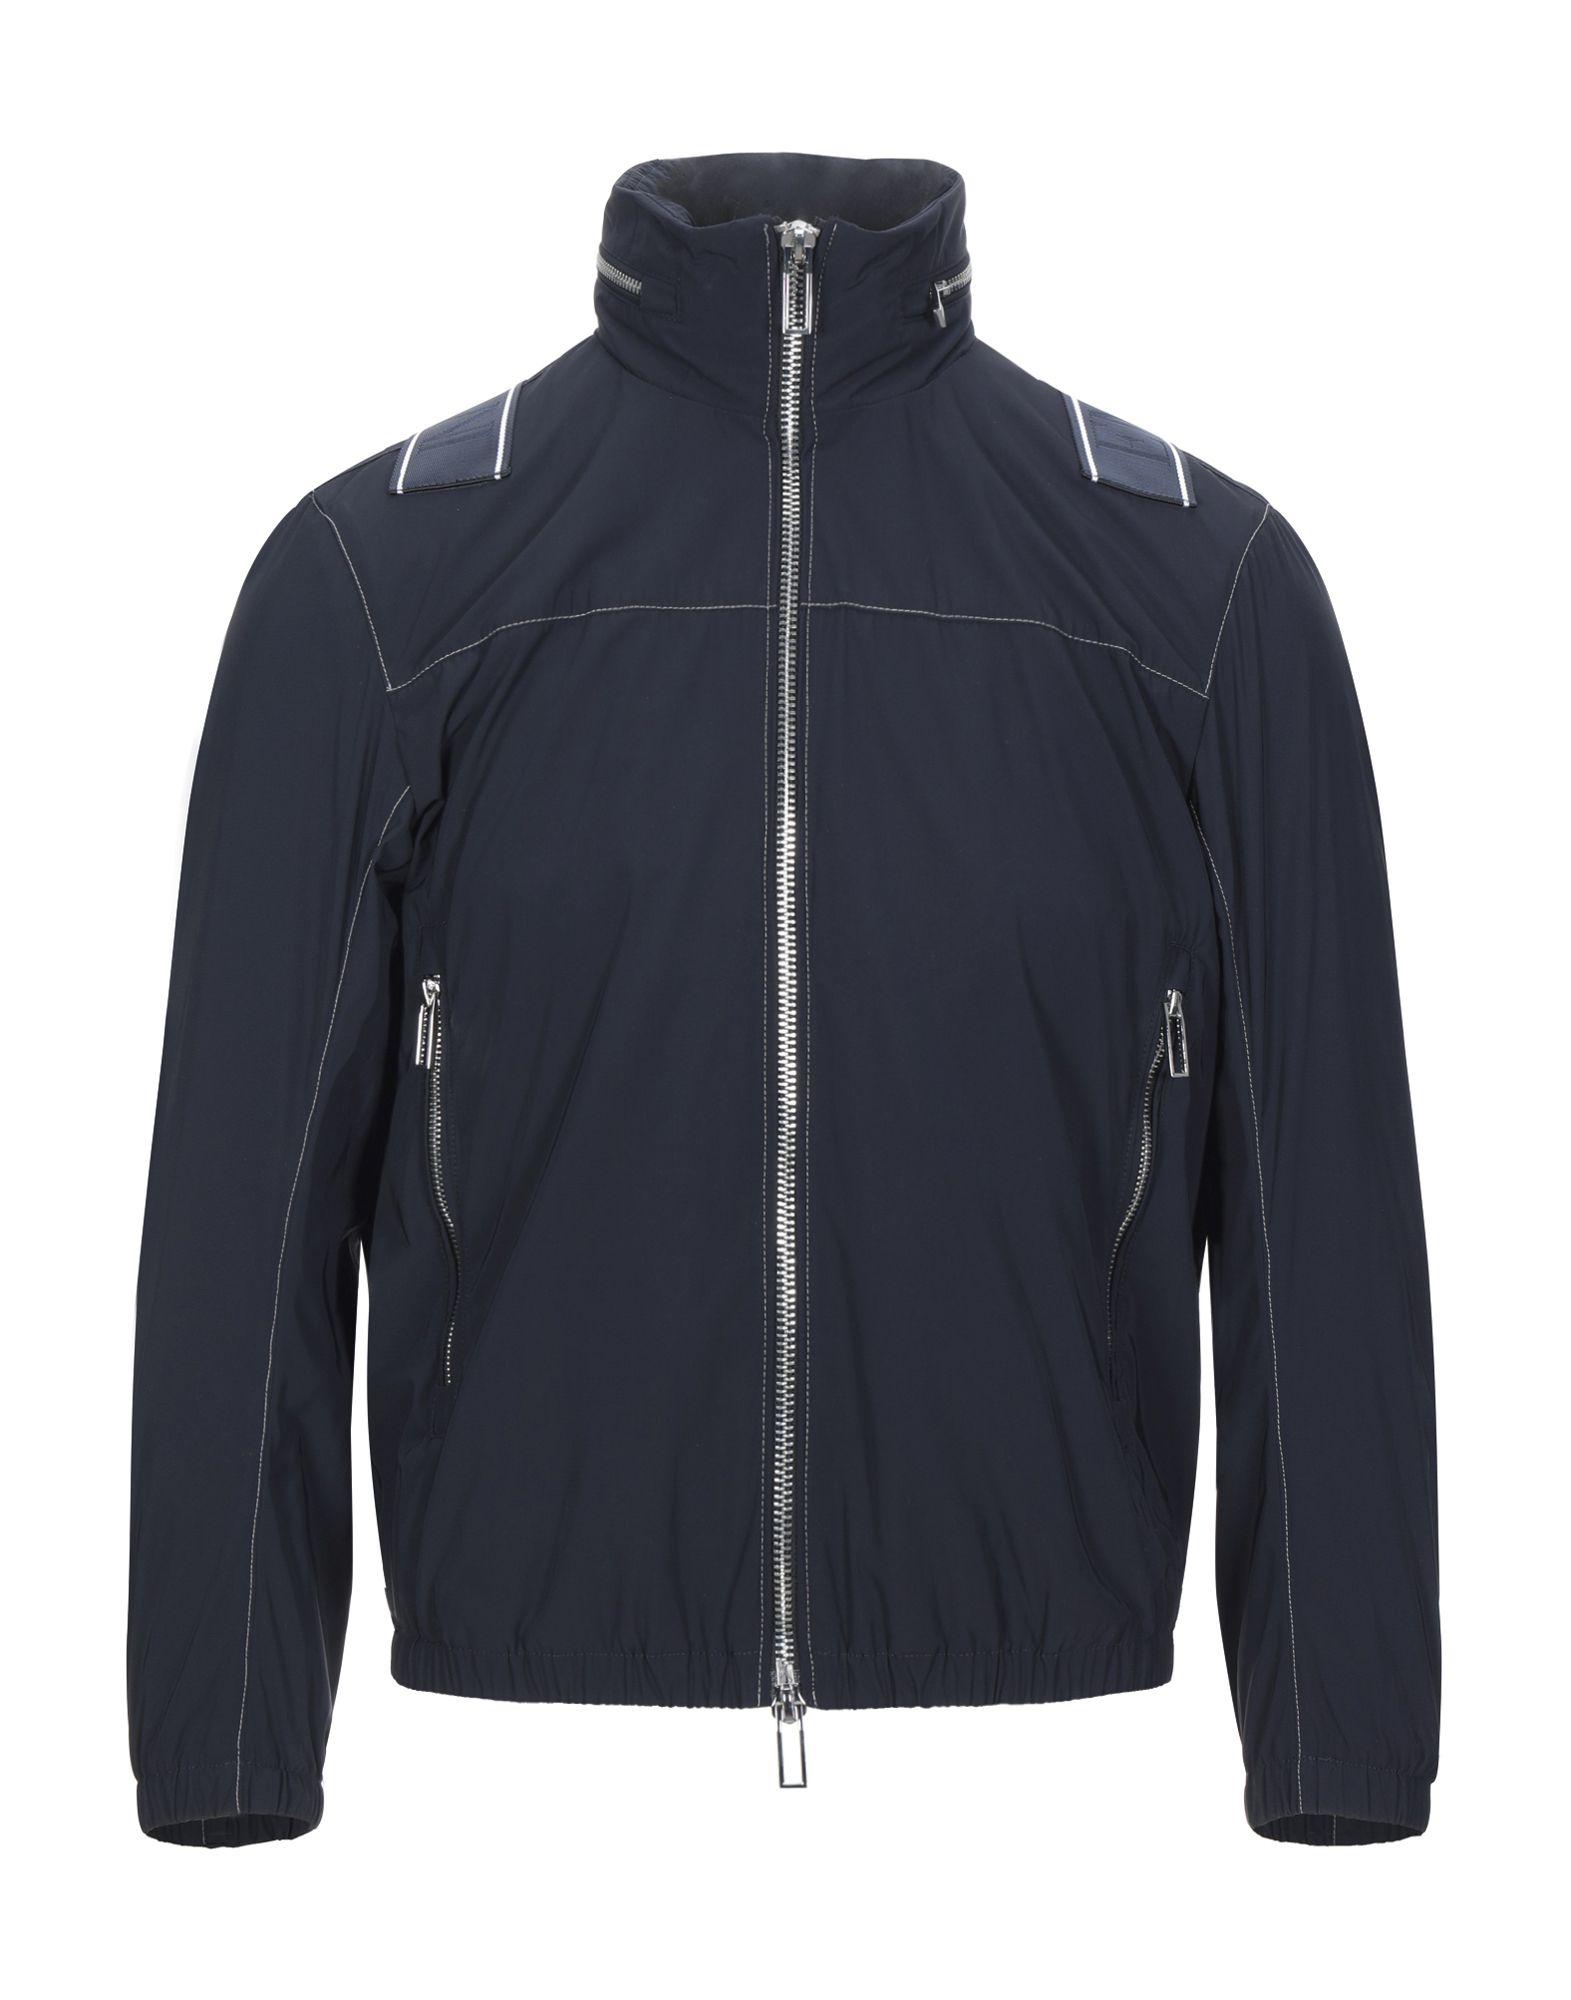 EMPORIO ARMANI Куртка куртка джинсовая emporio armani emporio armani em598ewzwc83 page 2